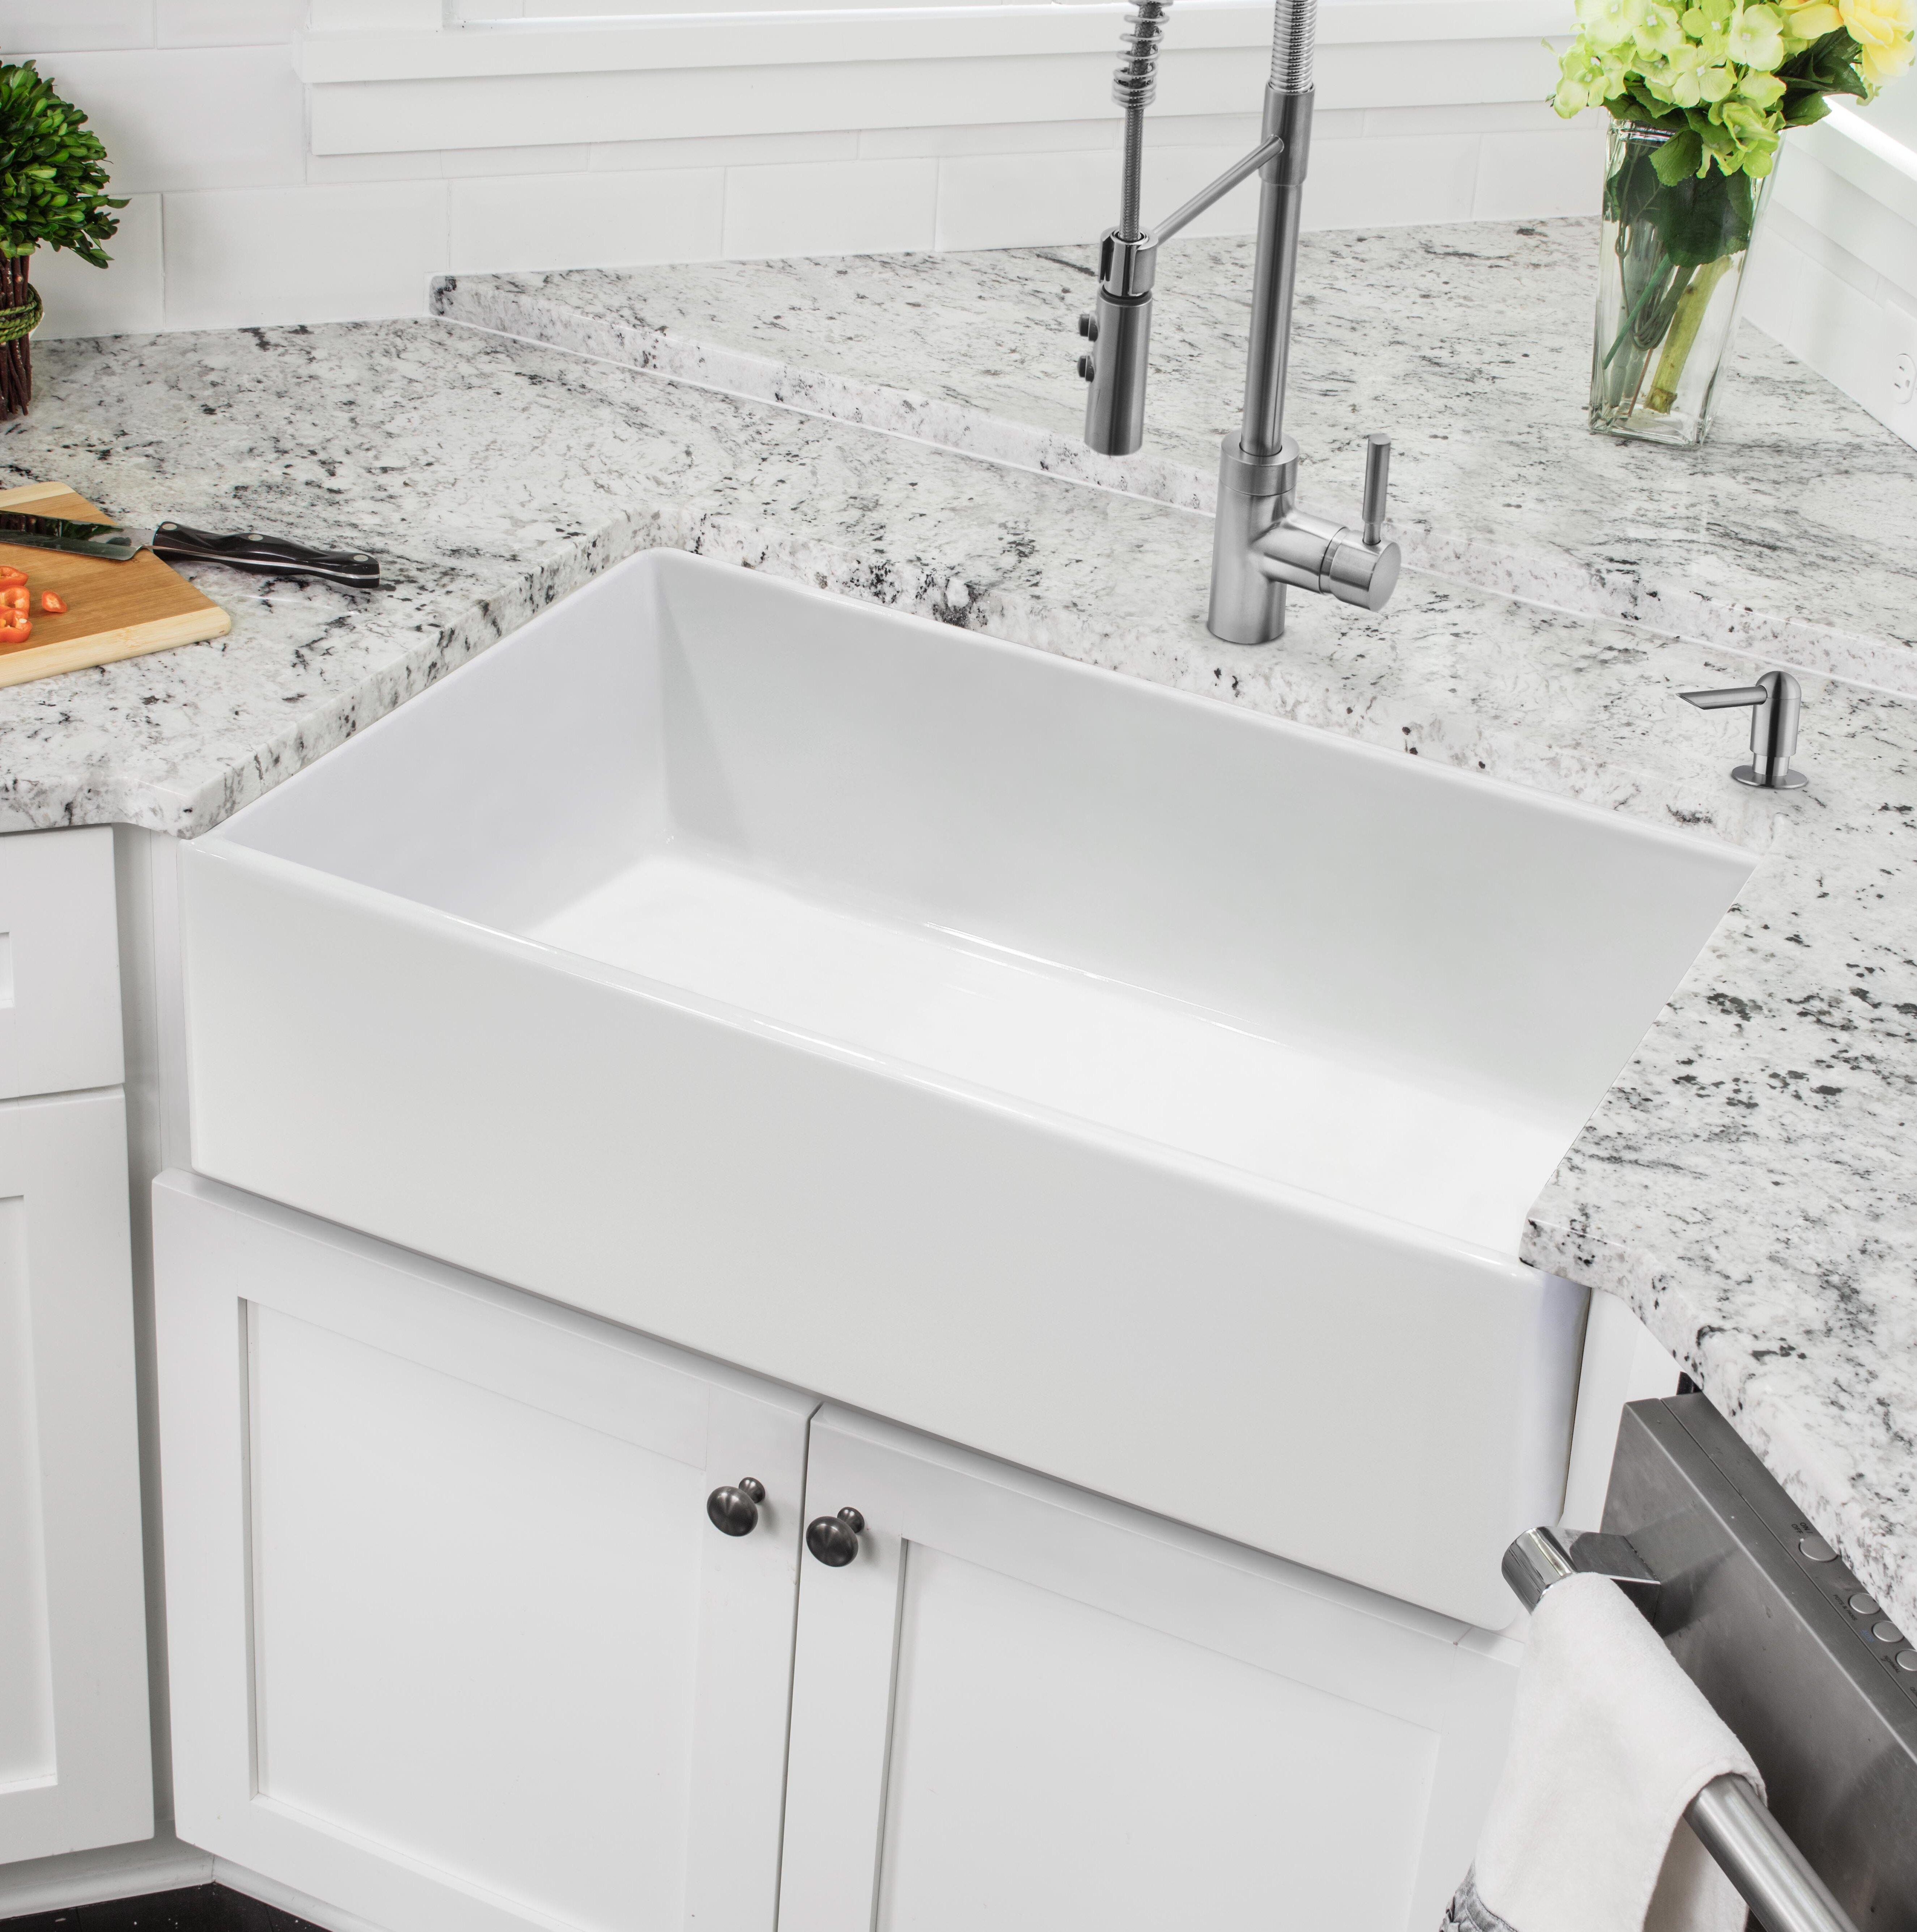 White Farmhouse Kitchen Sink Feature: GKFA361810CD ...